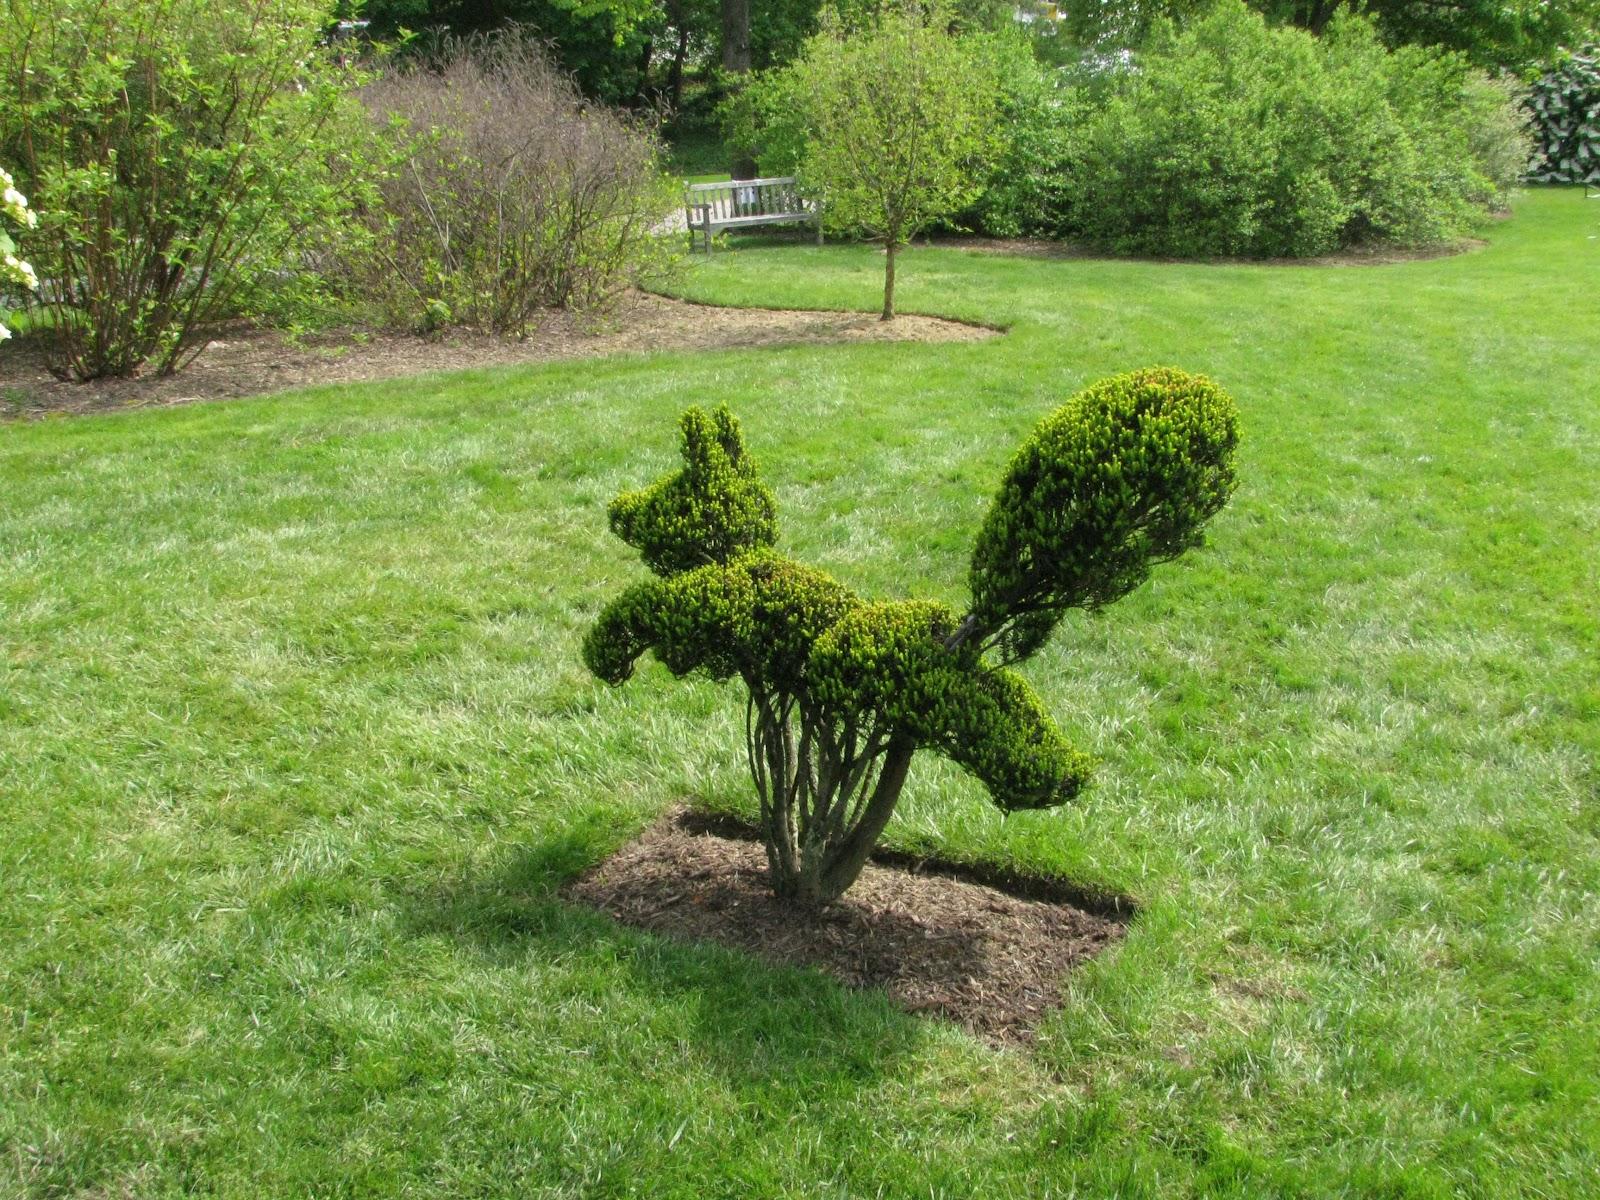 Explorando en el jard n esculturas verdes for Formas ornamentales